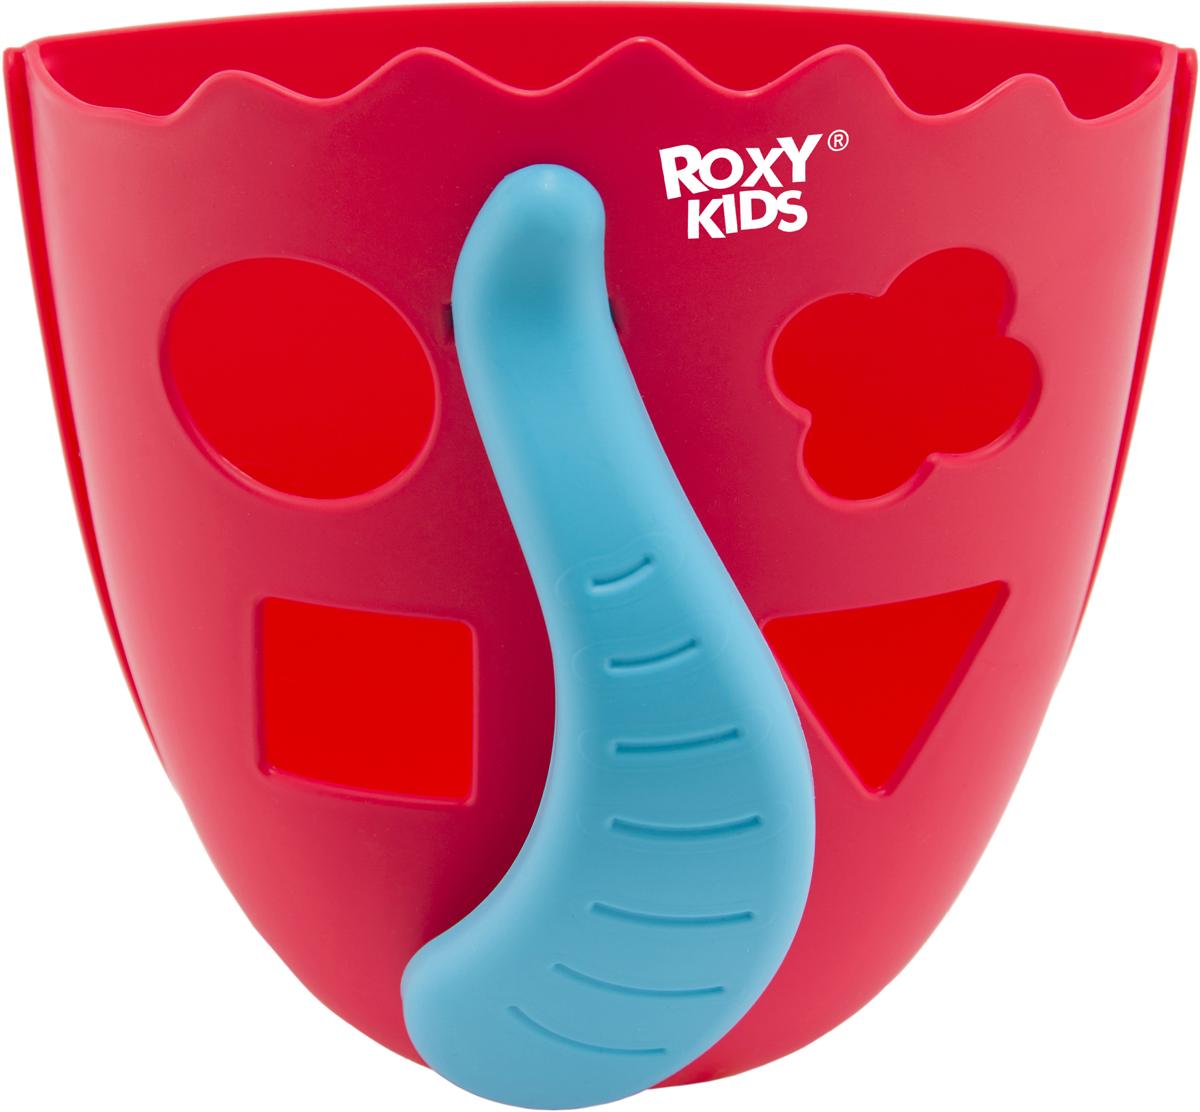 Roxy-kids Органайзер для игрушек Dino цвет коралловый синий roxy kids органайзер для игрушек и банных принадлежностей th 709 на присоске